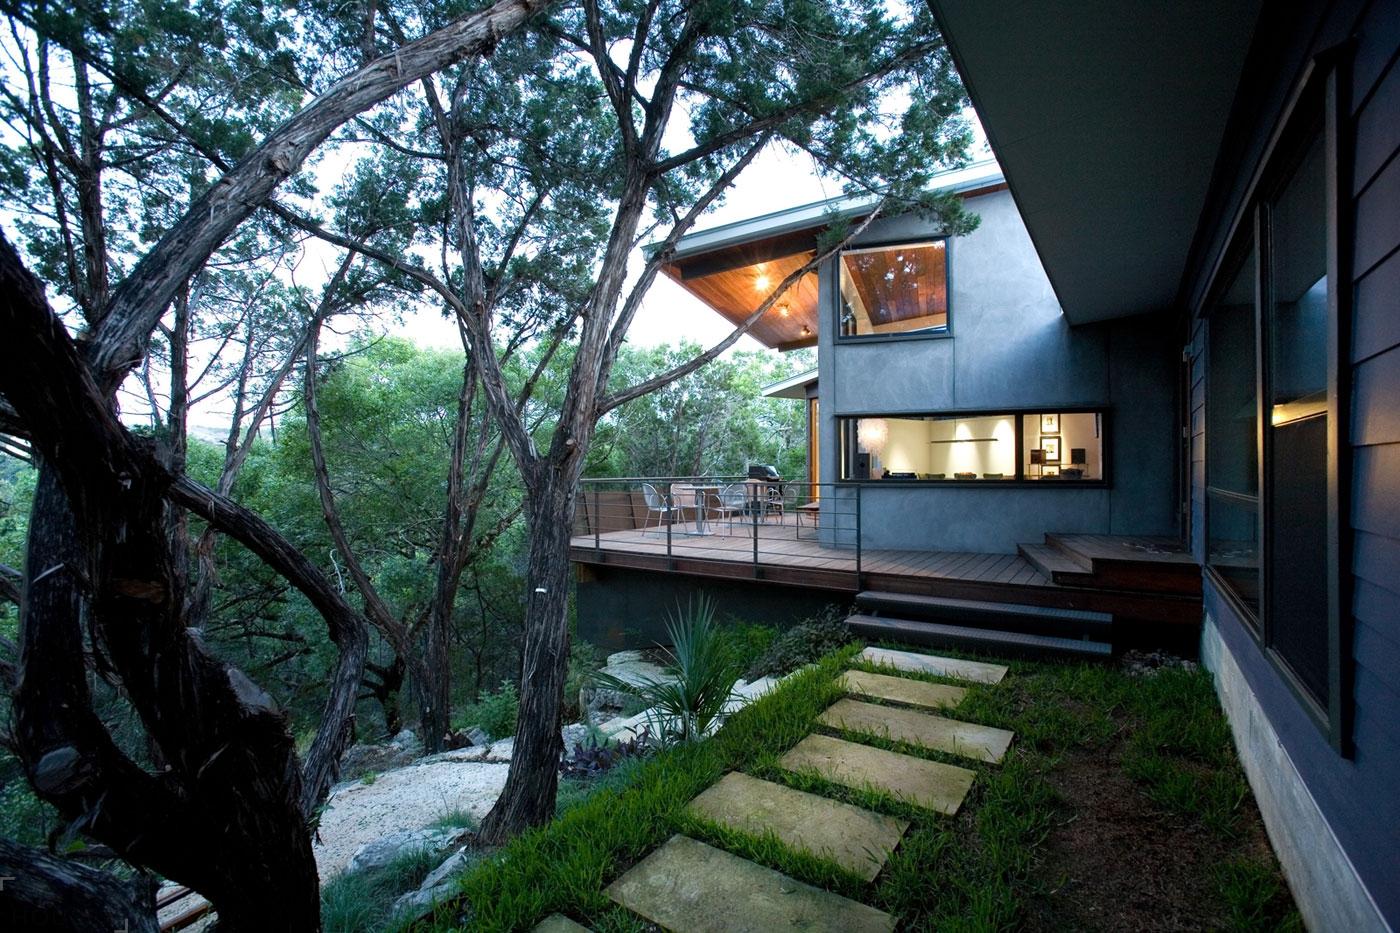 Современный дом на краю каньона в городе Остин, штат Техас, США